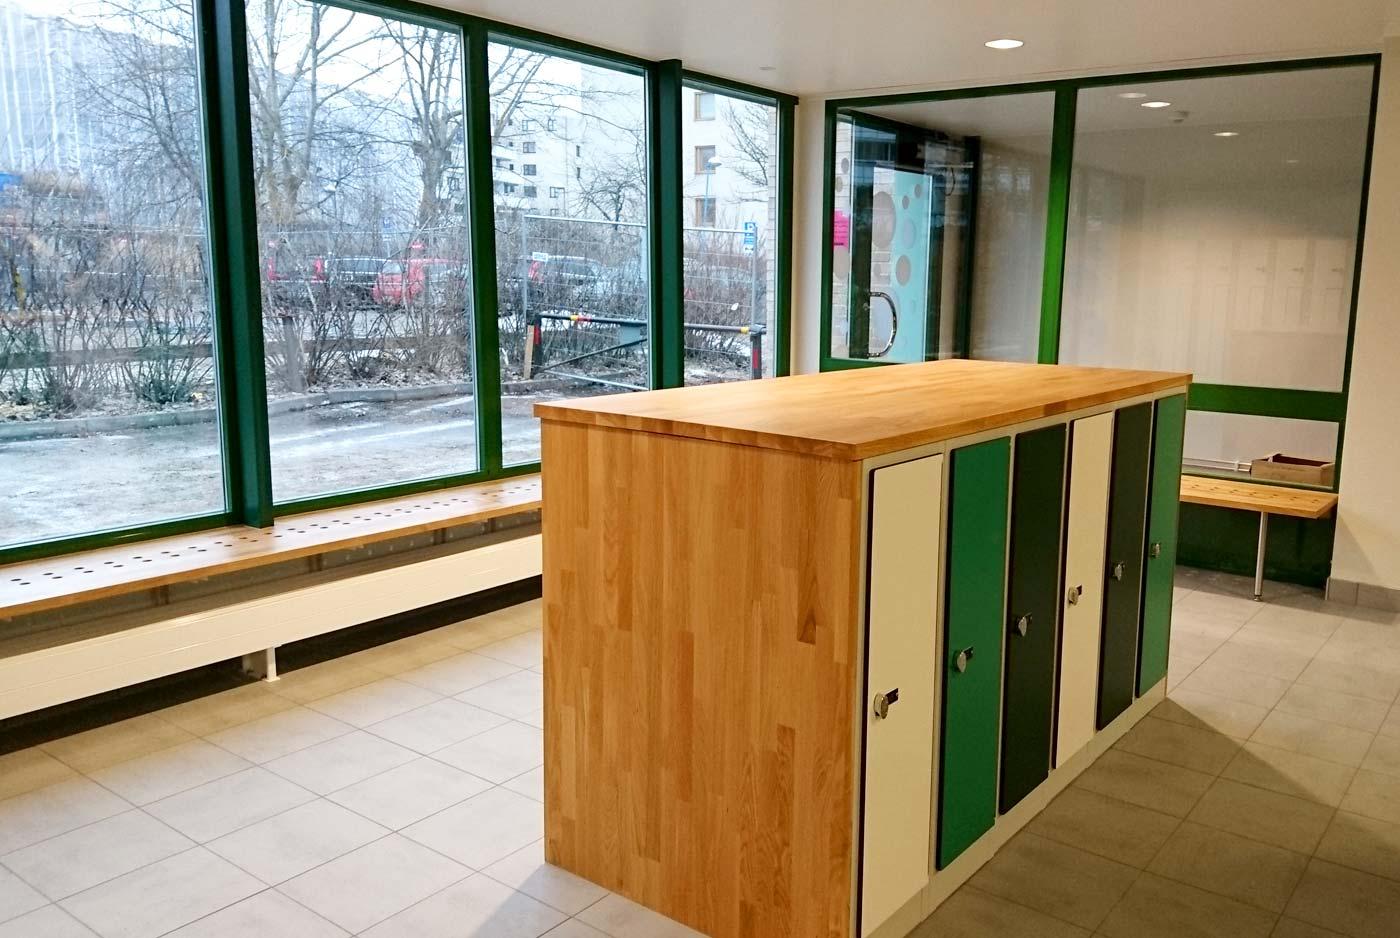 Heving & Hägglund - Byggprojekt - Ärvingeskolan